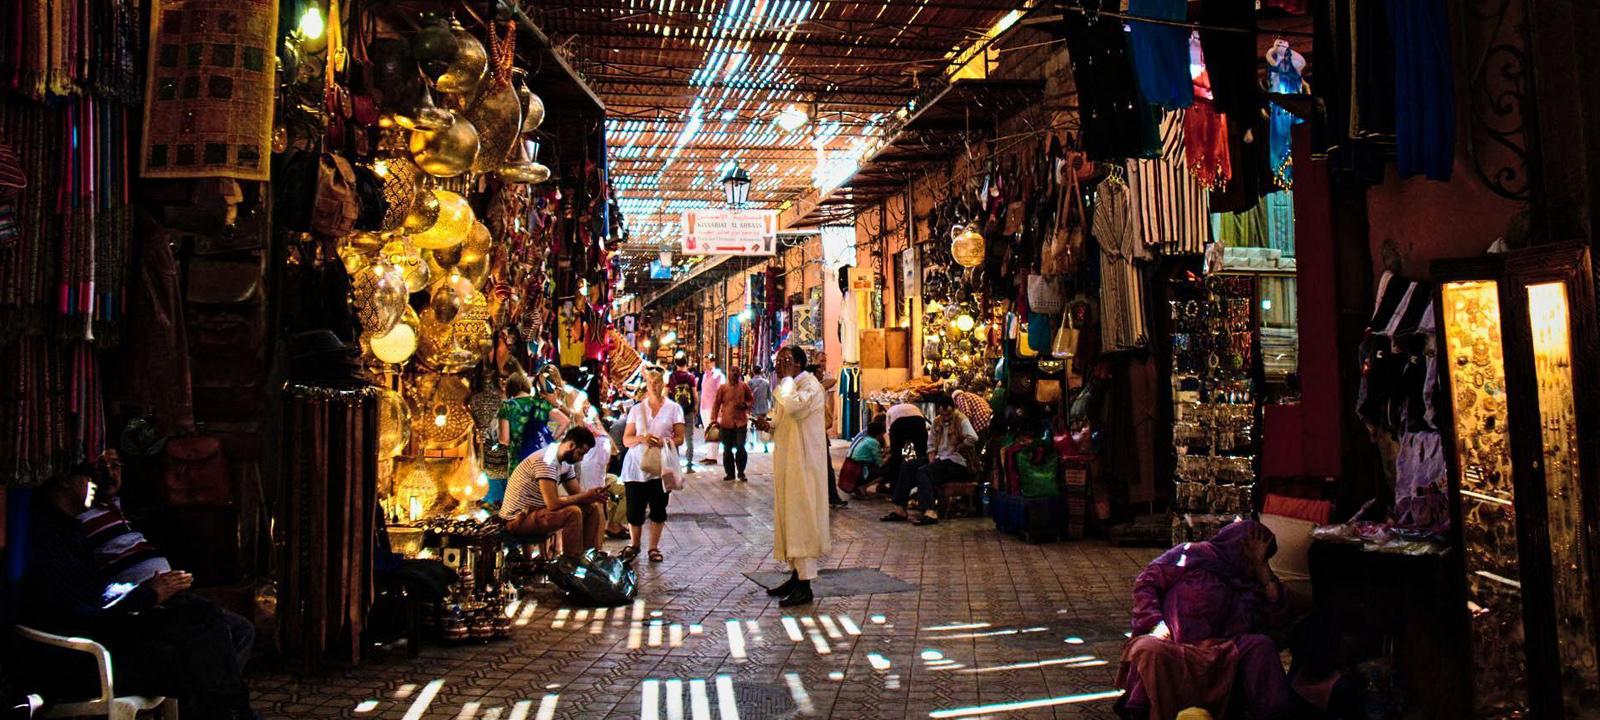 Les souks de Marrakech, cœur battant de la ville ocre | Maroc Excursion